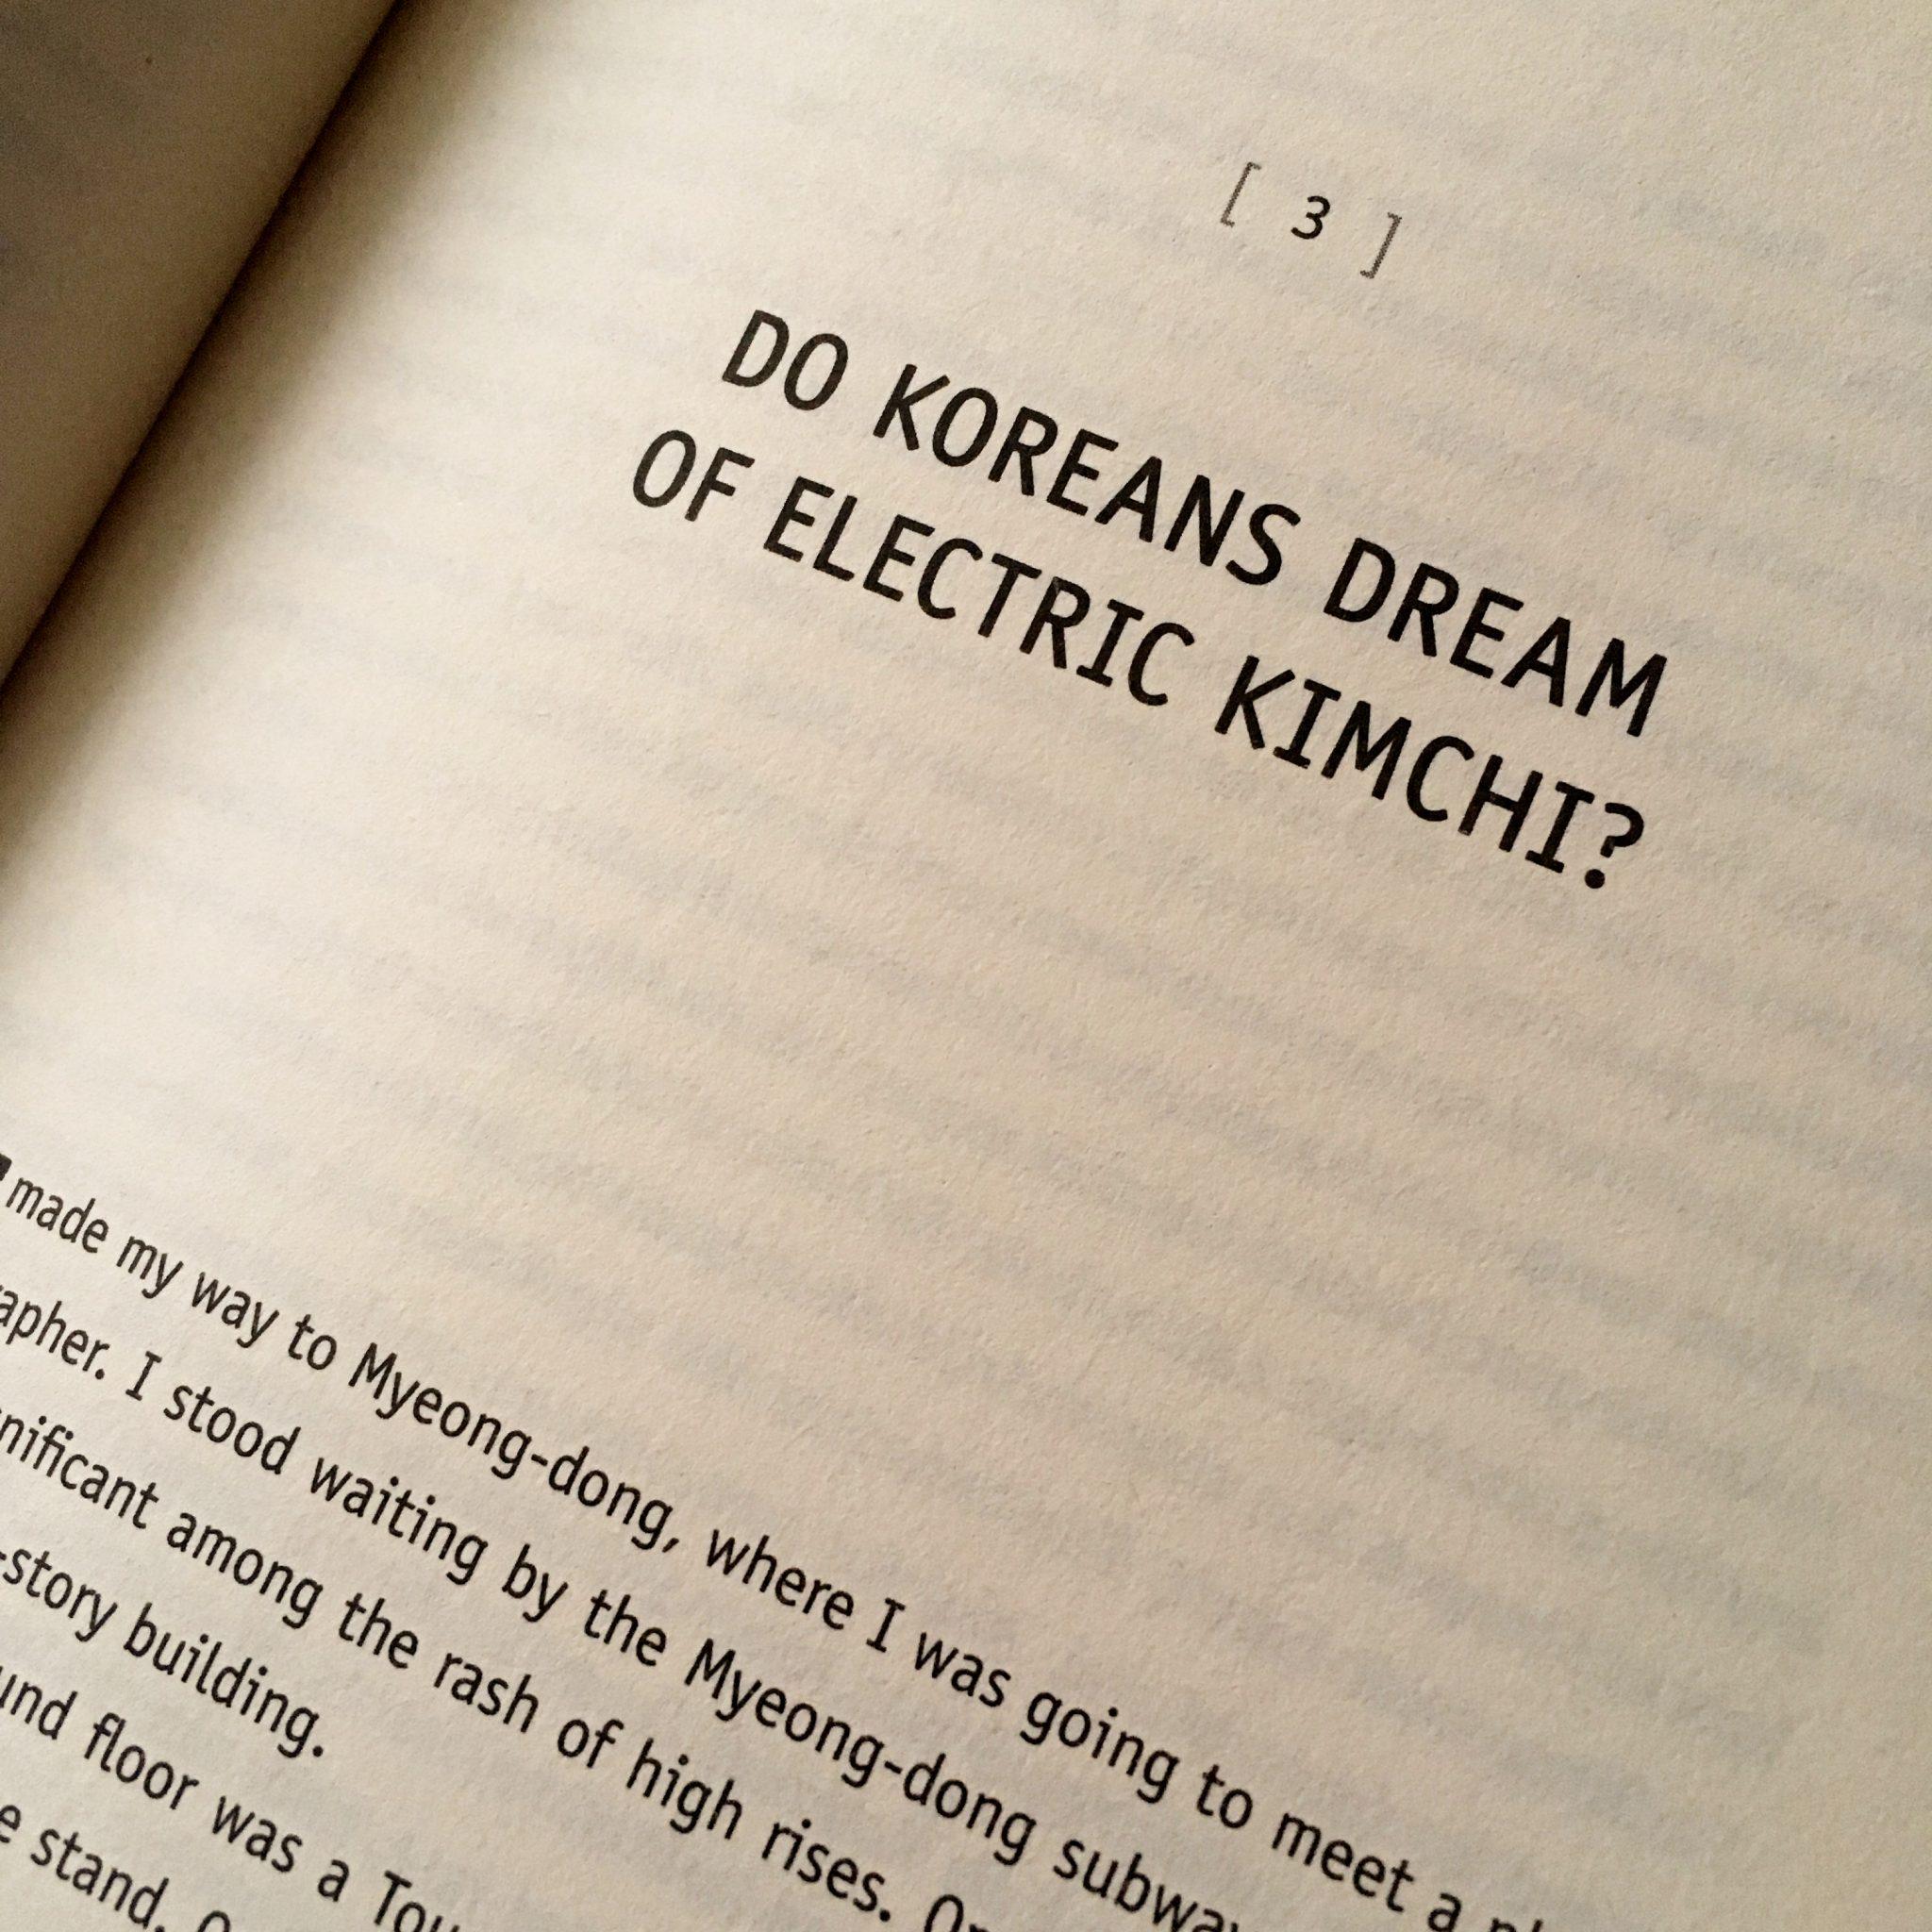 Foodie Korea